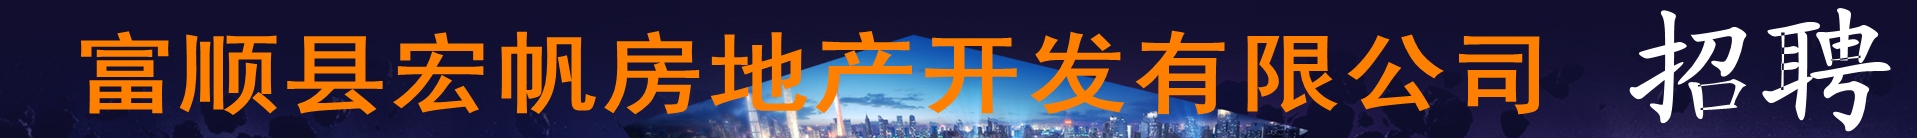 富顺县宏帆房地产开发有限公司